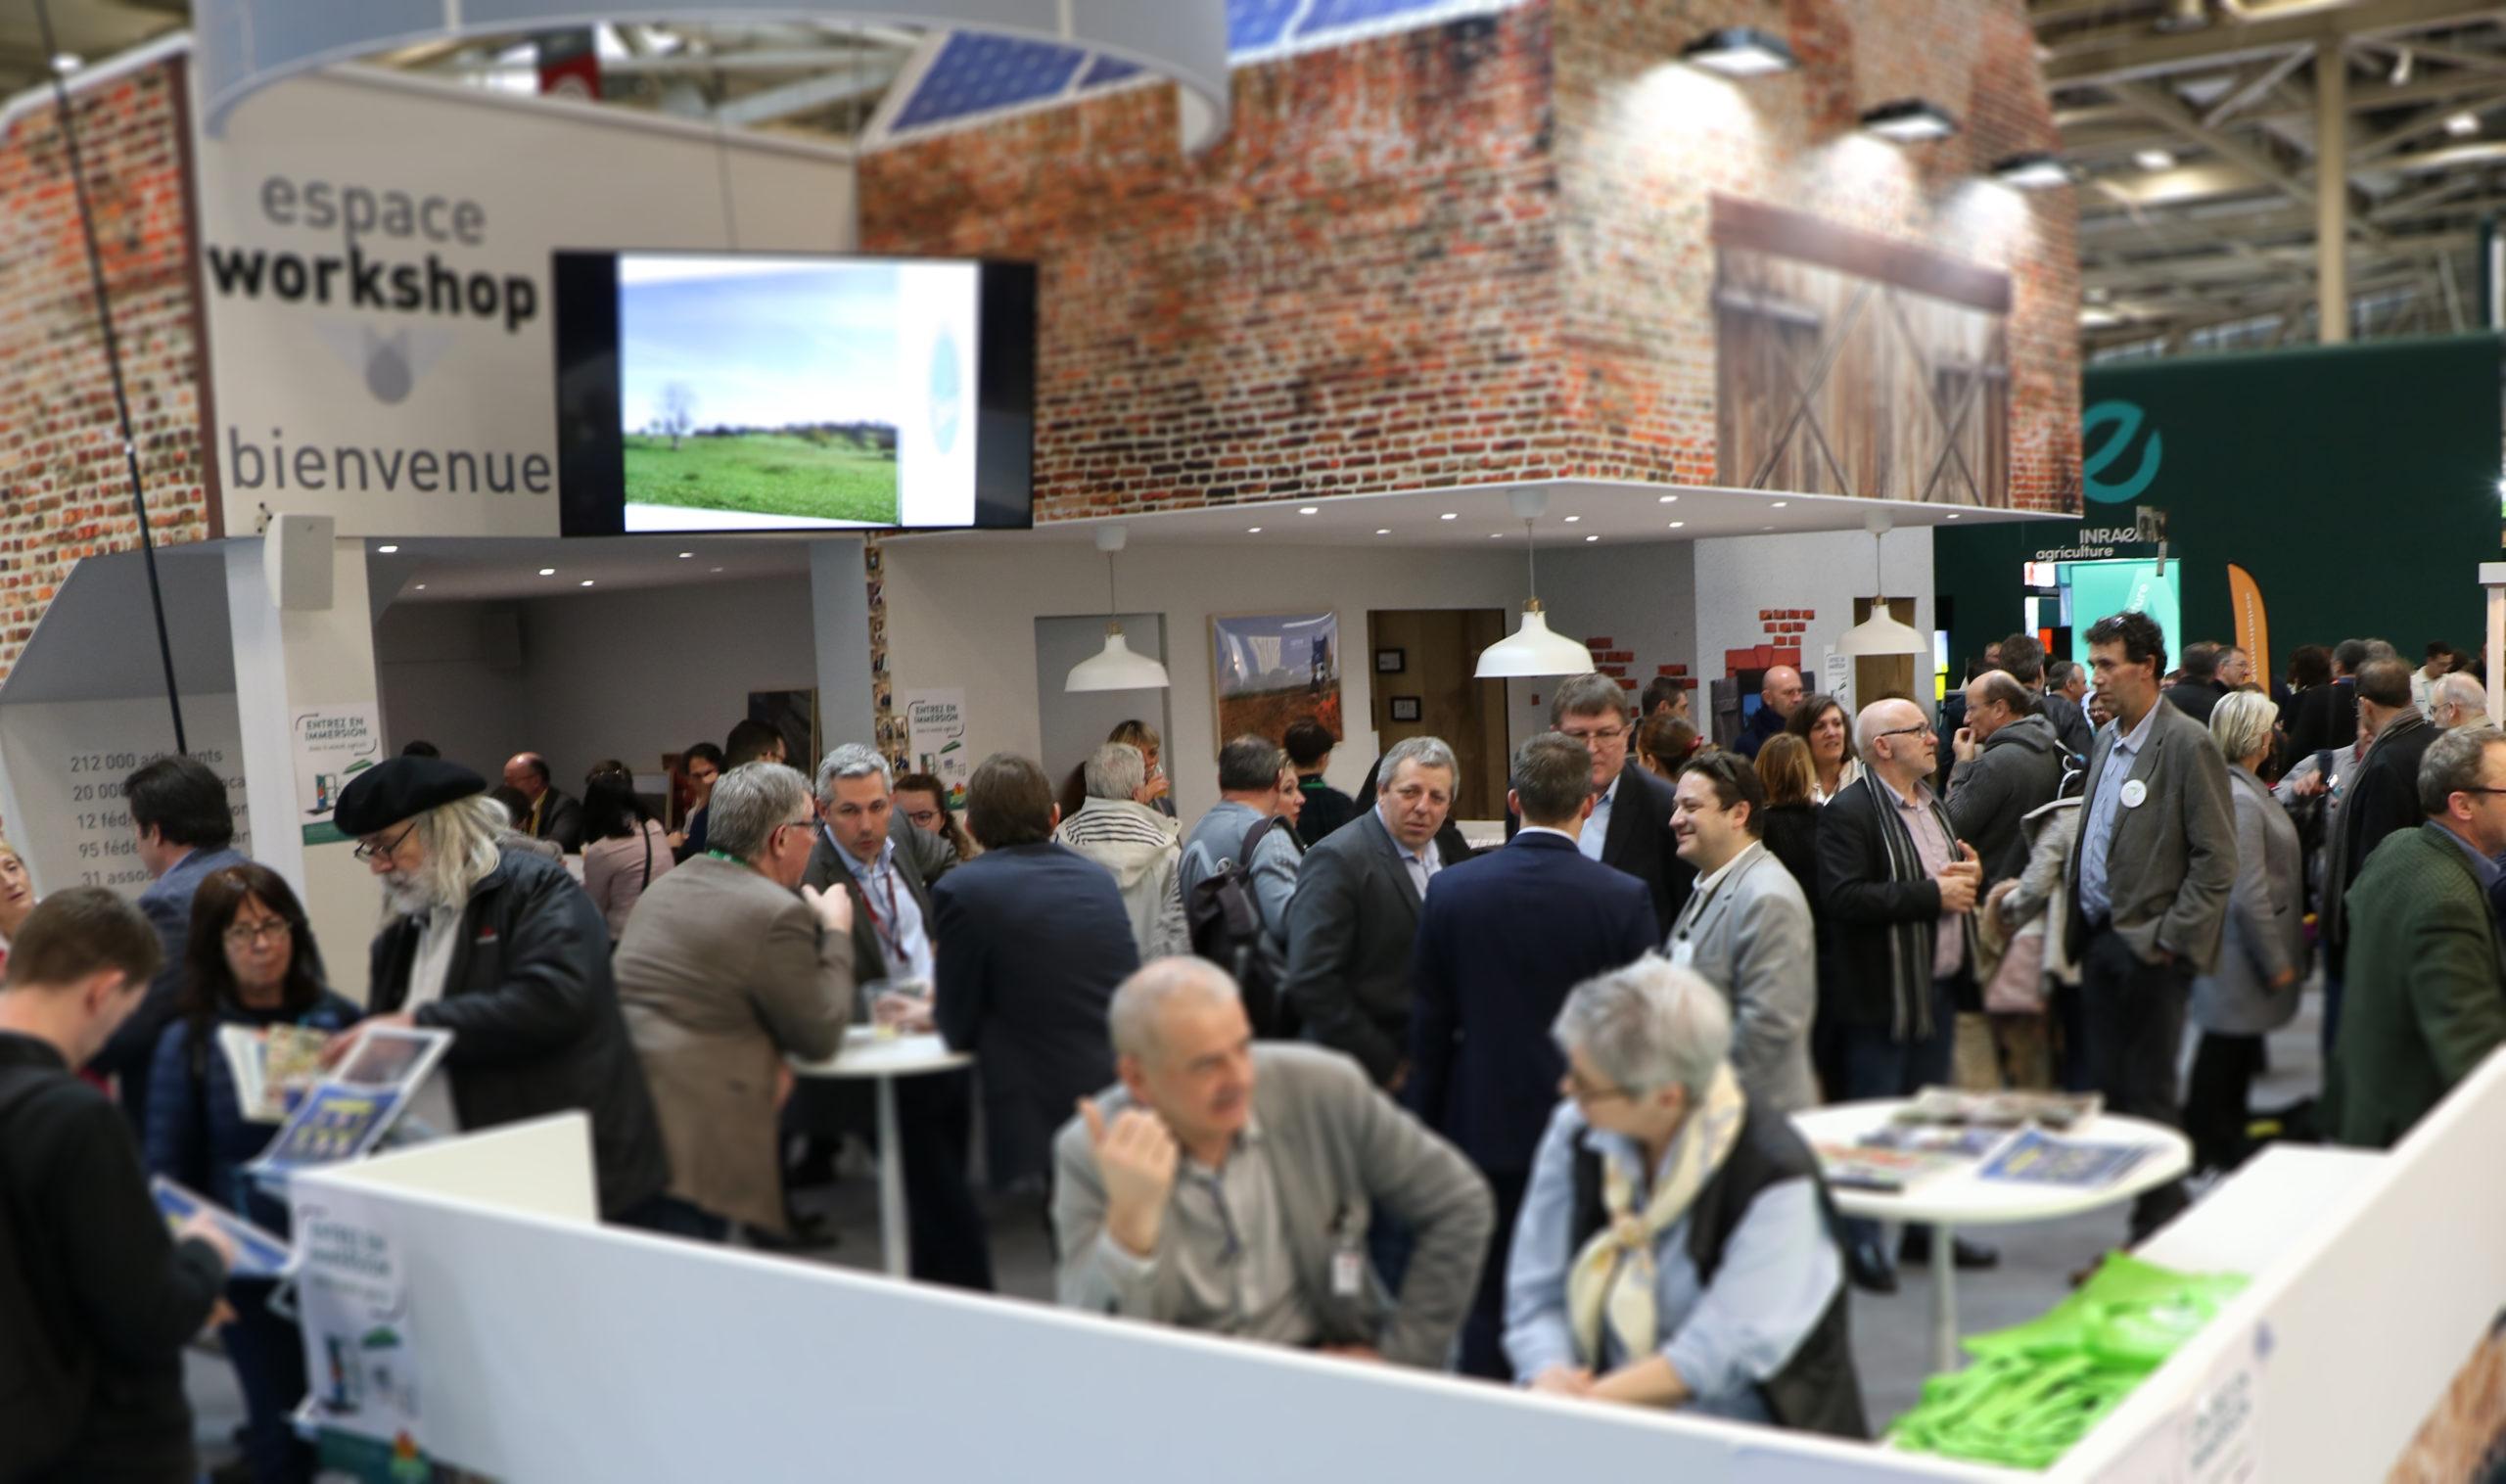 Salon de l'agriculture 2020 : un dialogue ouvert et confiant avec tous les publics.